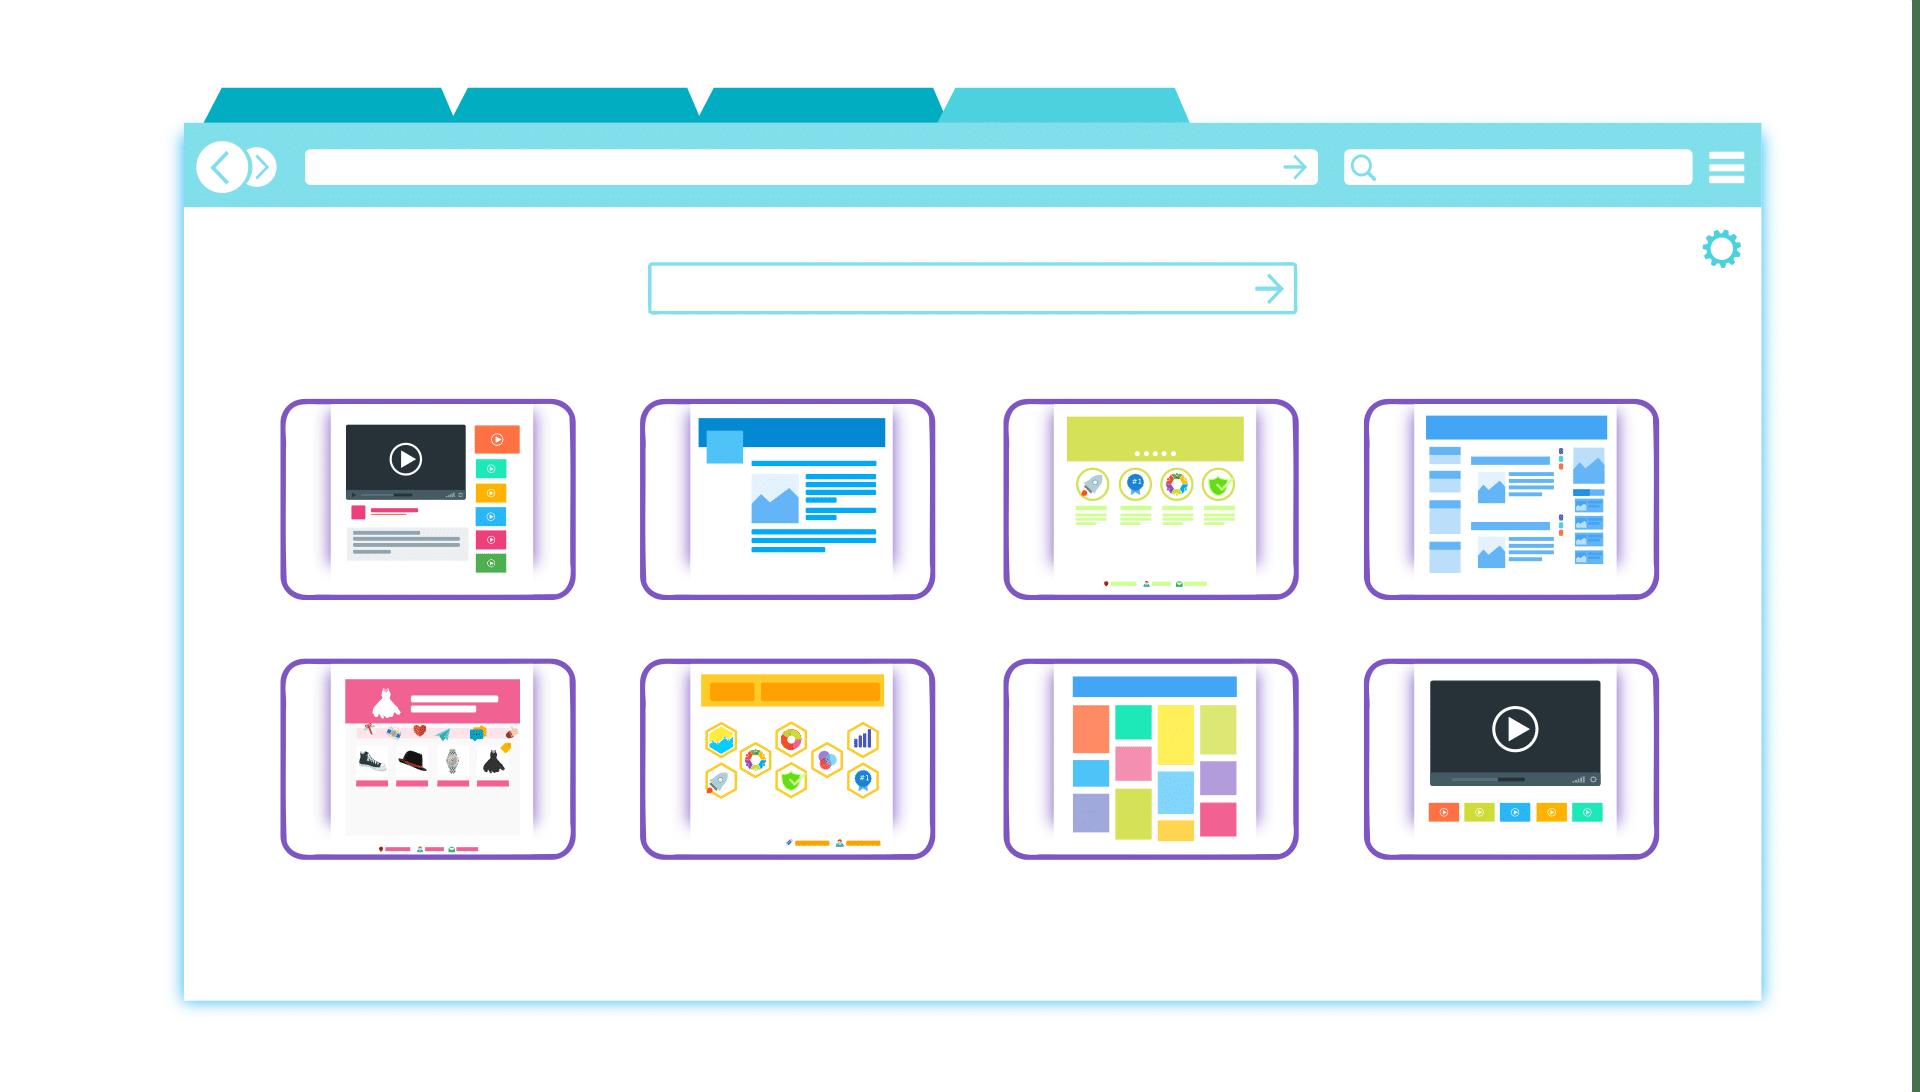 Perbaharui Browser untuk mengatasi masalah tidak bisa login internet banking